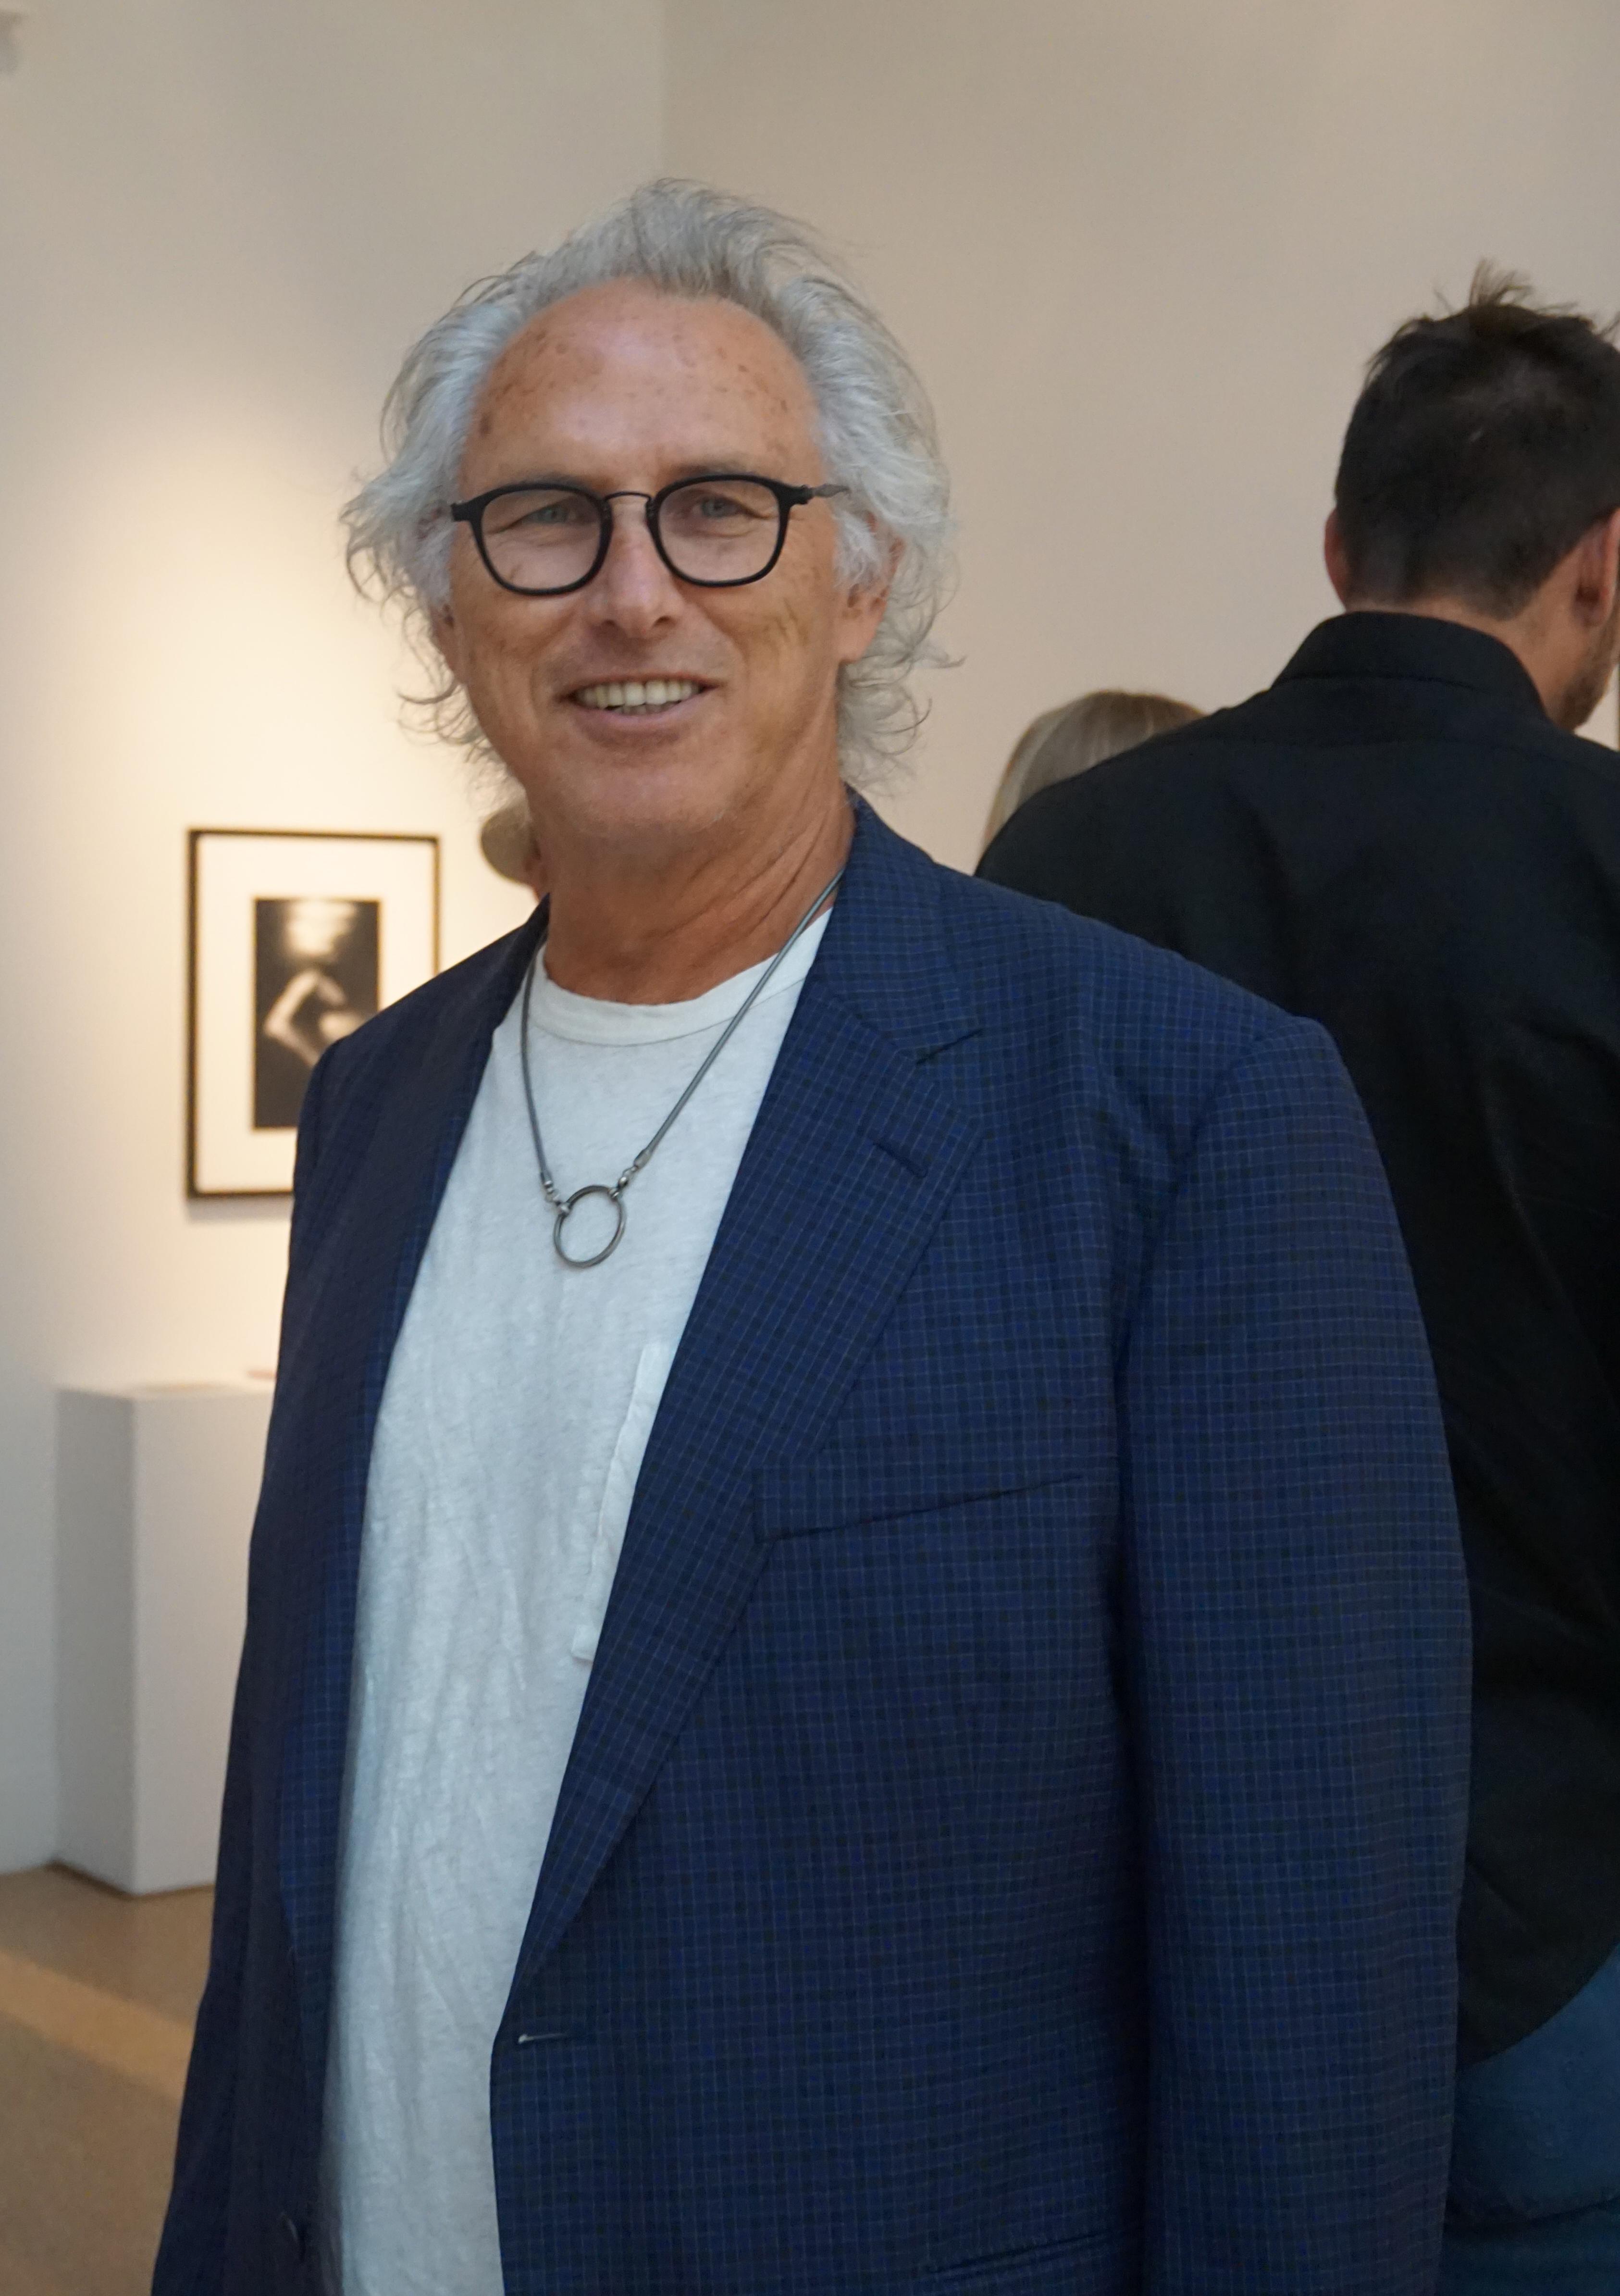 Eric Fischl Artist-in-Residence Teaching Residency